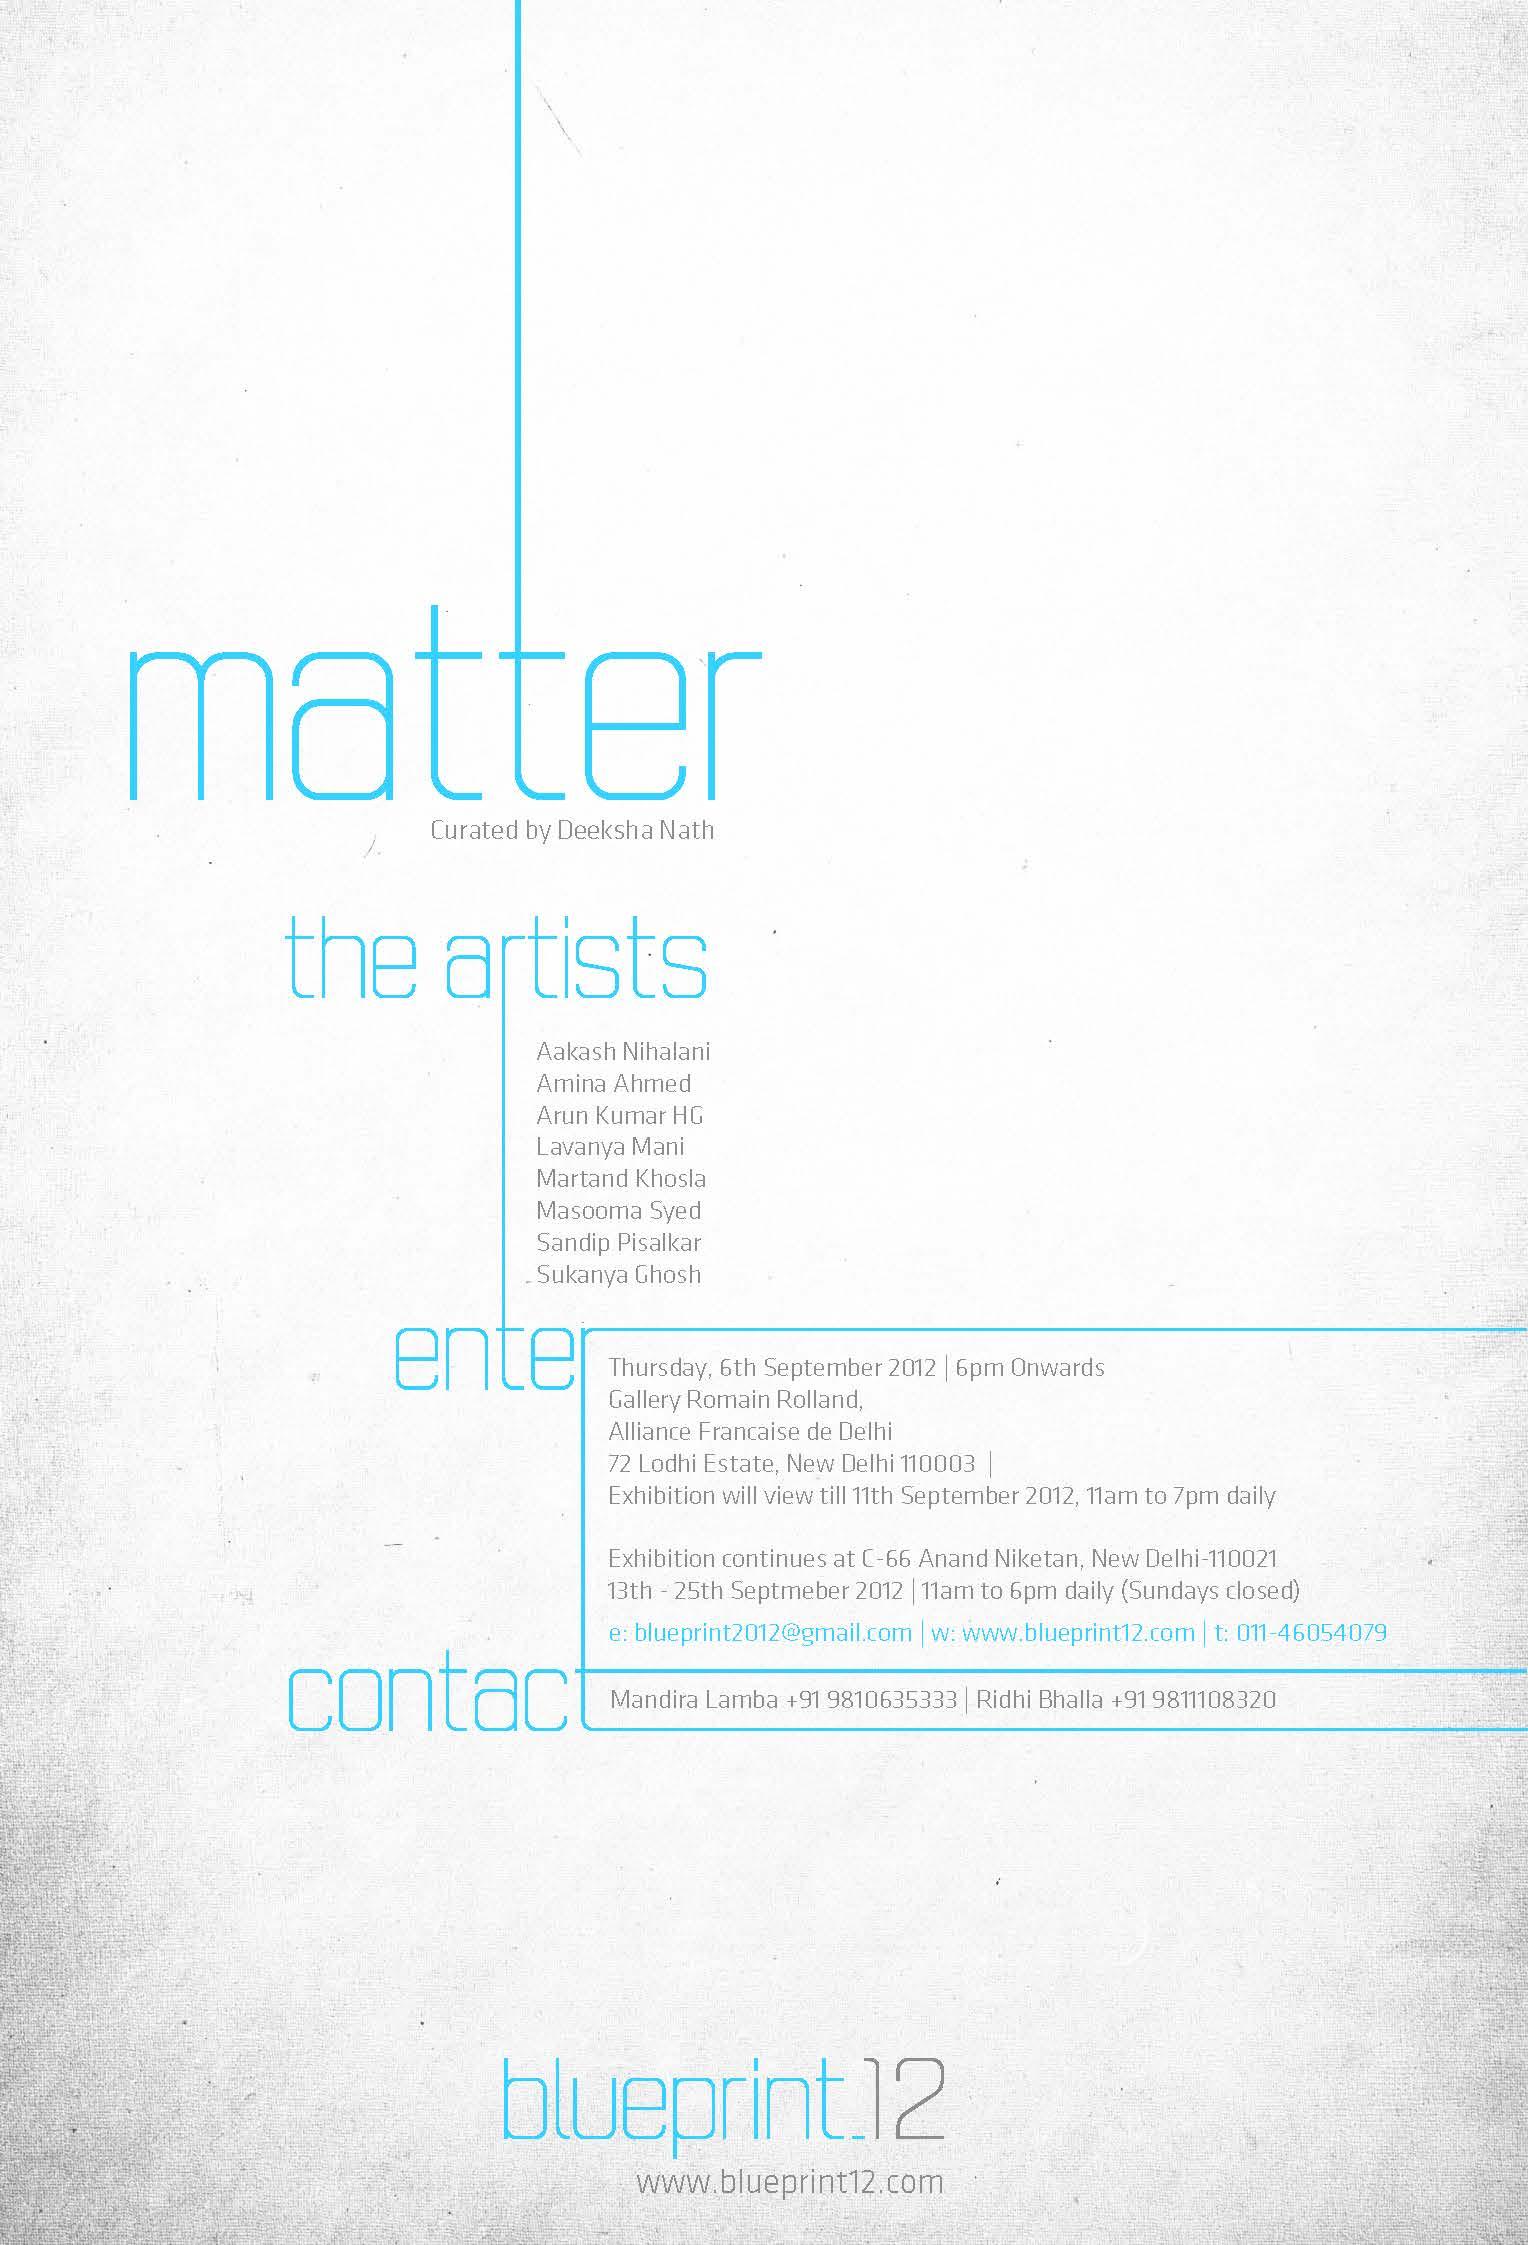 Matter curated by Deeksha Nath Blueprint12 launch show